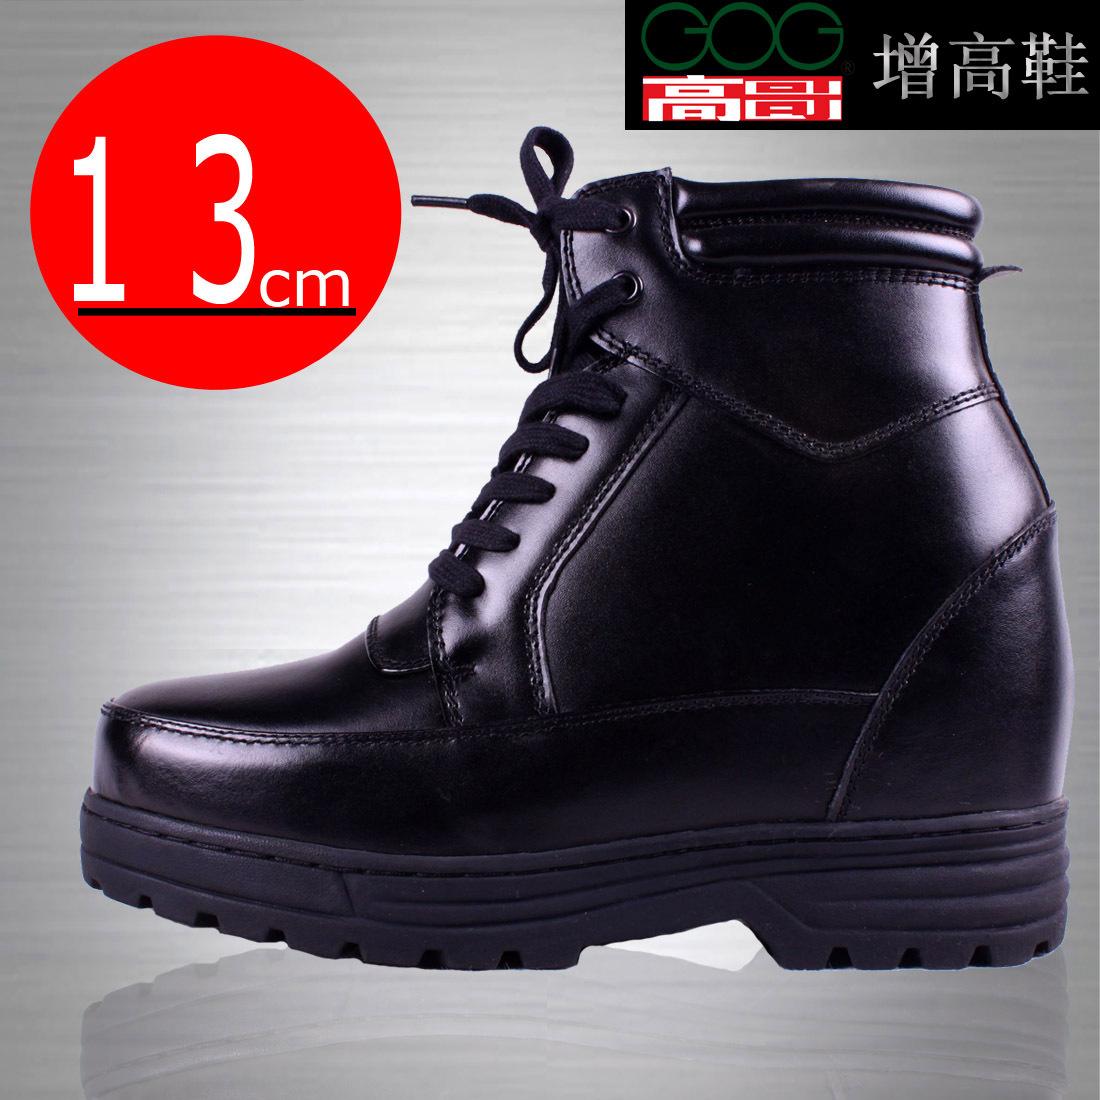 亨达皮鞋价格_男鞋皮鞋品牌大全排名真的好吗价格